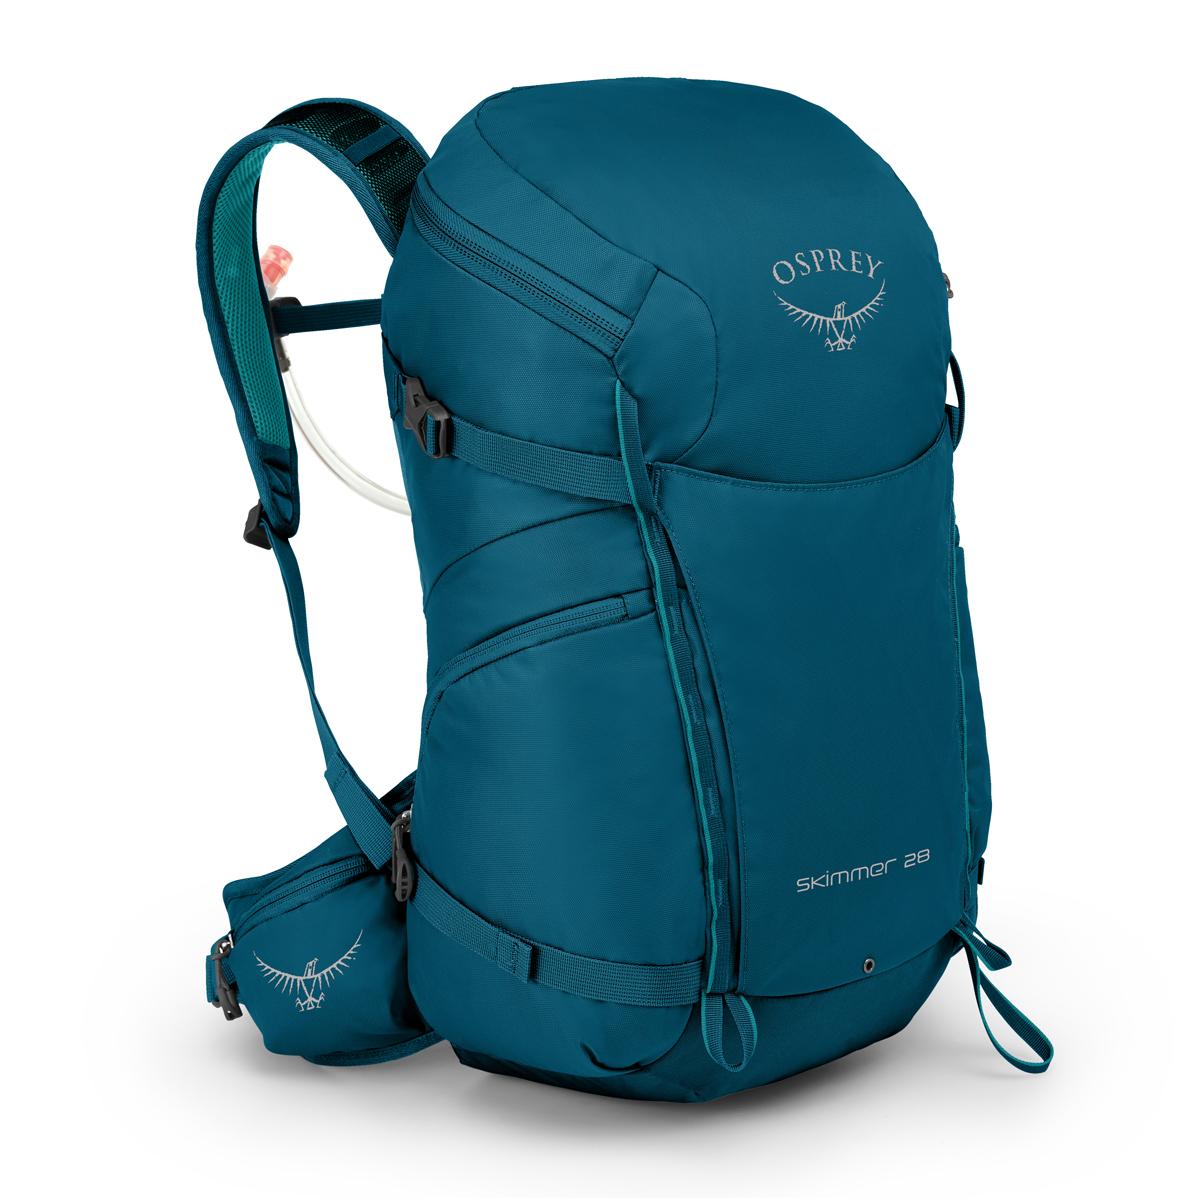 オスプレーのシンプル 軽量な女性用ハイキングパック OSPREYオスプレー スキマー28 28リットルサファイアブルーバッグ リュック テクニカルパック バッグパック 再入荷 予約販売 旅行トラベルグッズ 高級品